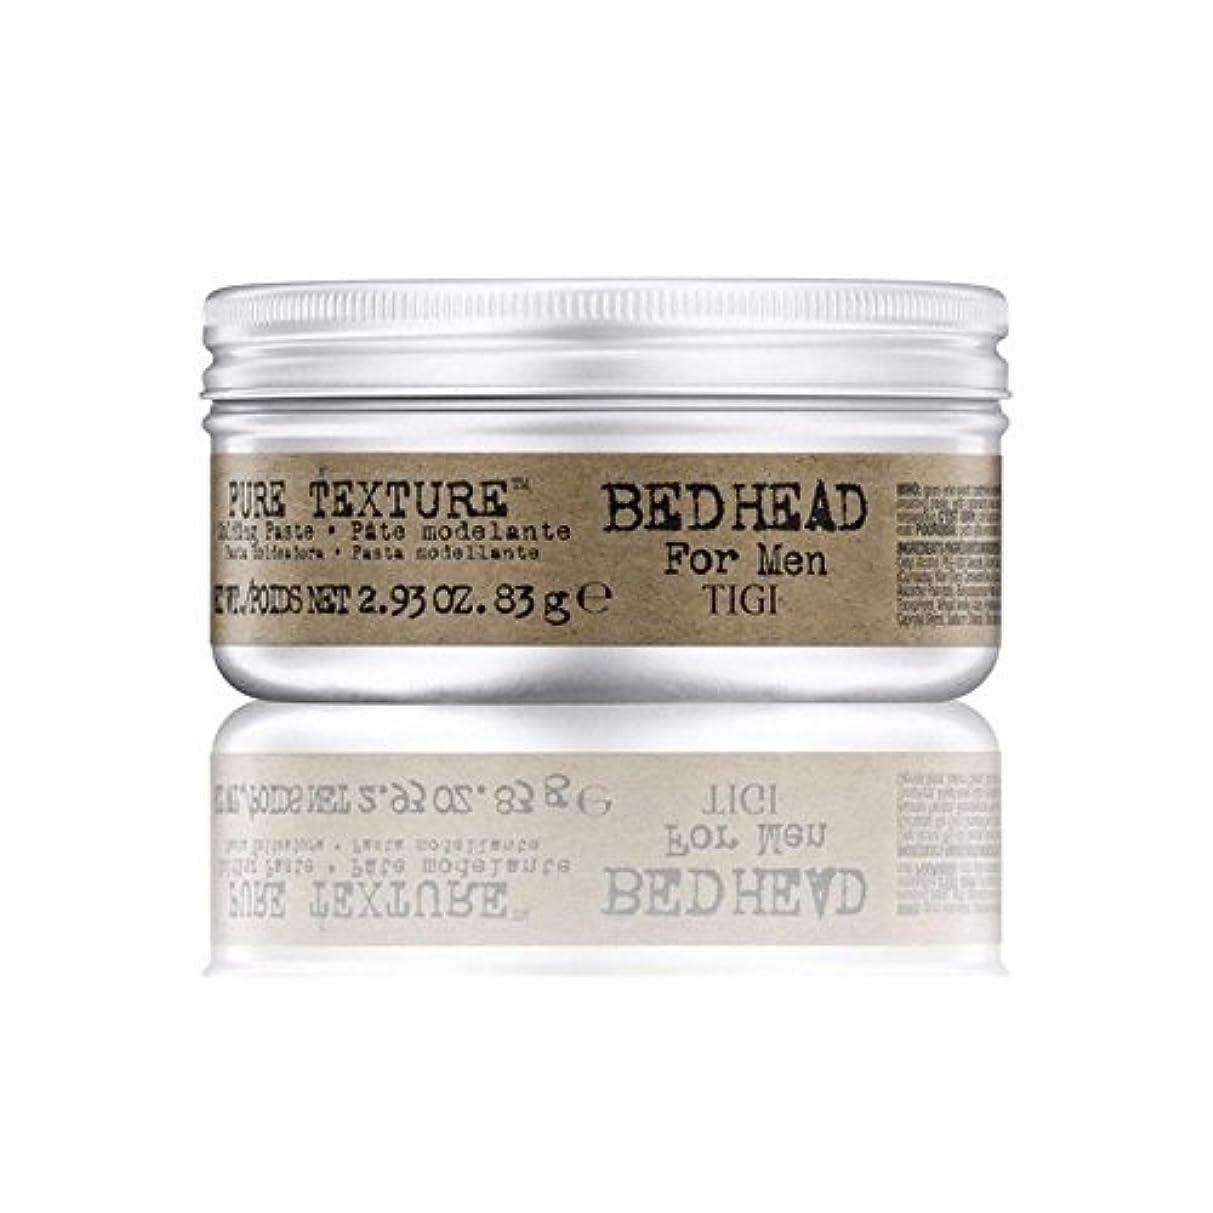 アカデミー痴漢正しいTigi Bed Head For Men Pure Texture Molding Paste (83G) (Pack of 6) - 男性の純粋なテクスチャーモールディングペースト(83グラム)のためのティジーベッドヘッド x6 [並行輸入品]